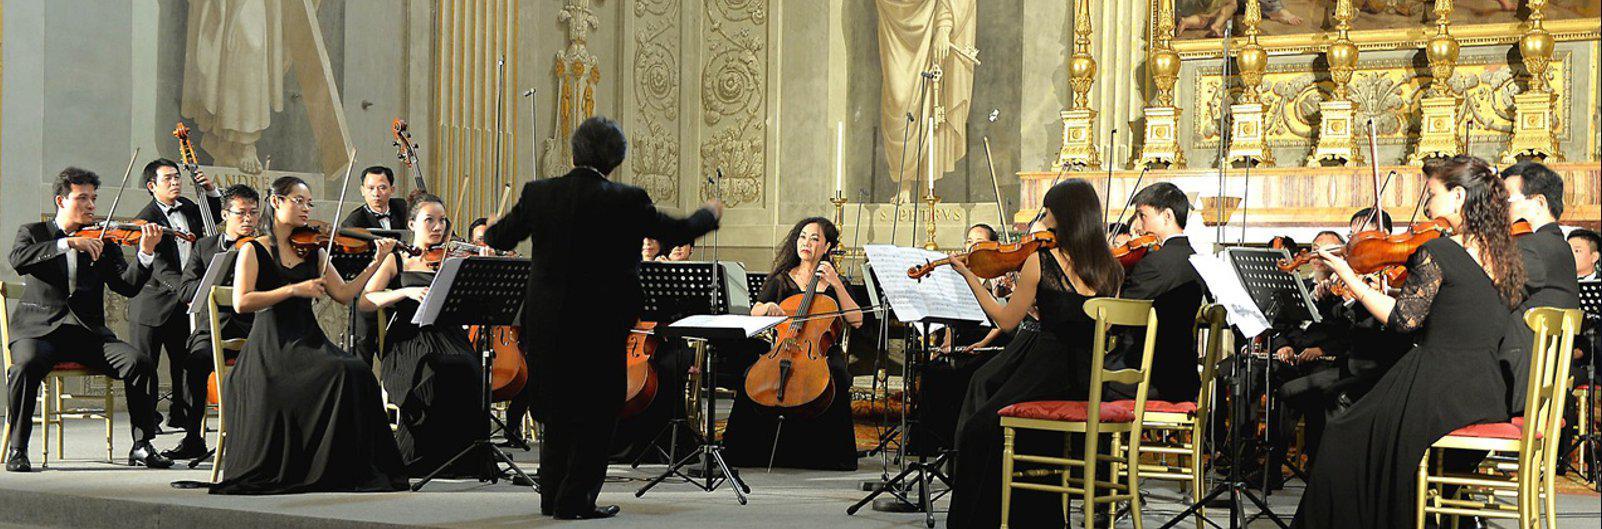 concerti al quirinale orchestra